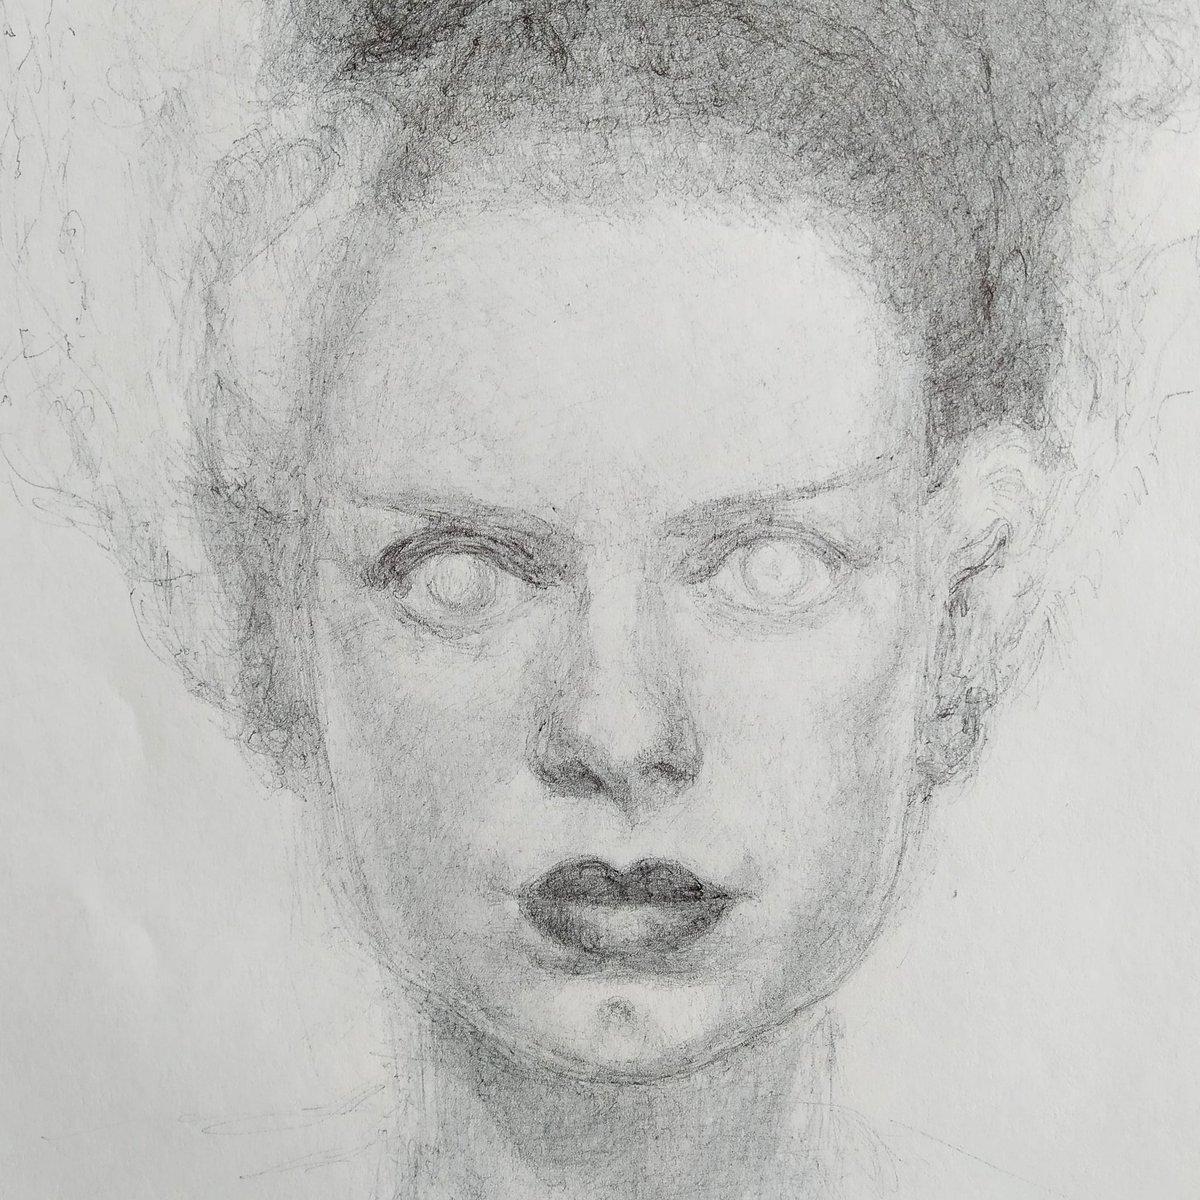 Una moción de censura y yo con estos pelos. Bueno, pues ahí vamos, ya se ve un poco más, no?   #workinprogress #dibujo #drawings #drawingpen #boligrafo #pen #monster #monstruo #artwork #contemporarydrawing #dibujocontemporaneo #arte #art #artist #ilustracion https://t.co/zpFcgwIi6Z